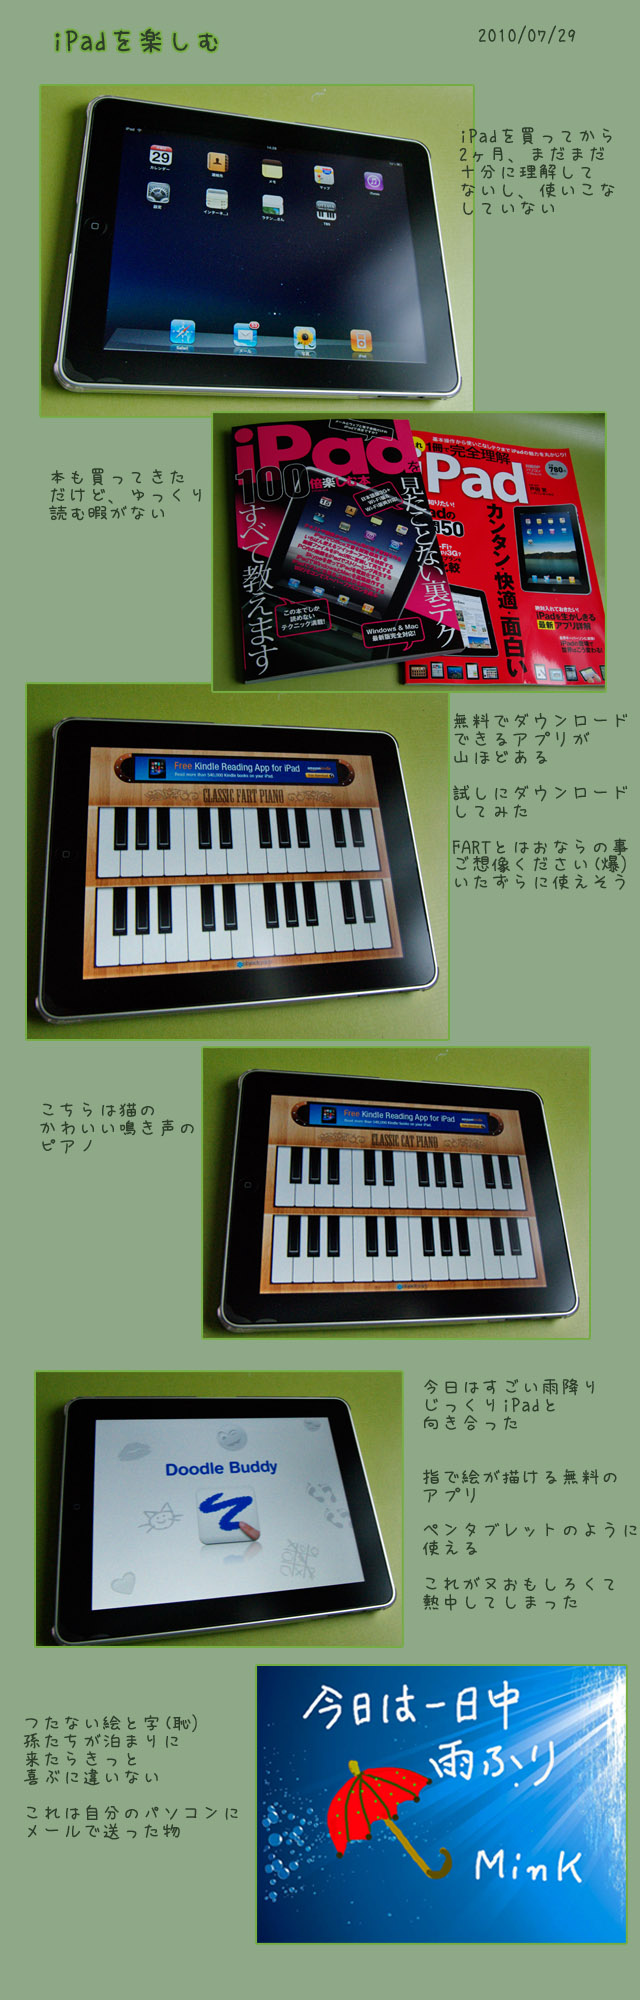 iPadを楽しむ_b0019313_17575573.jpg